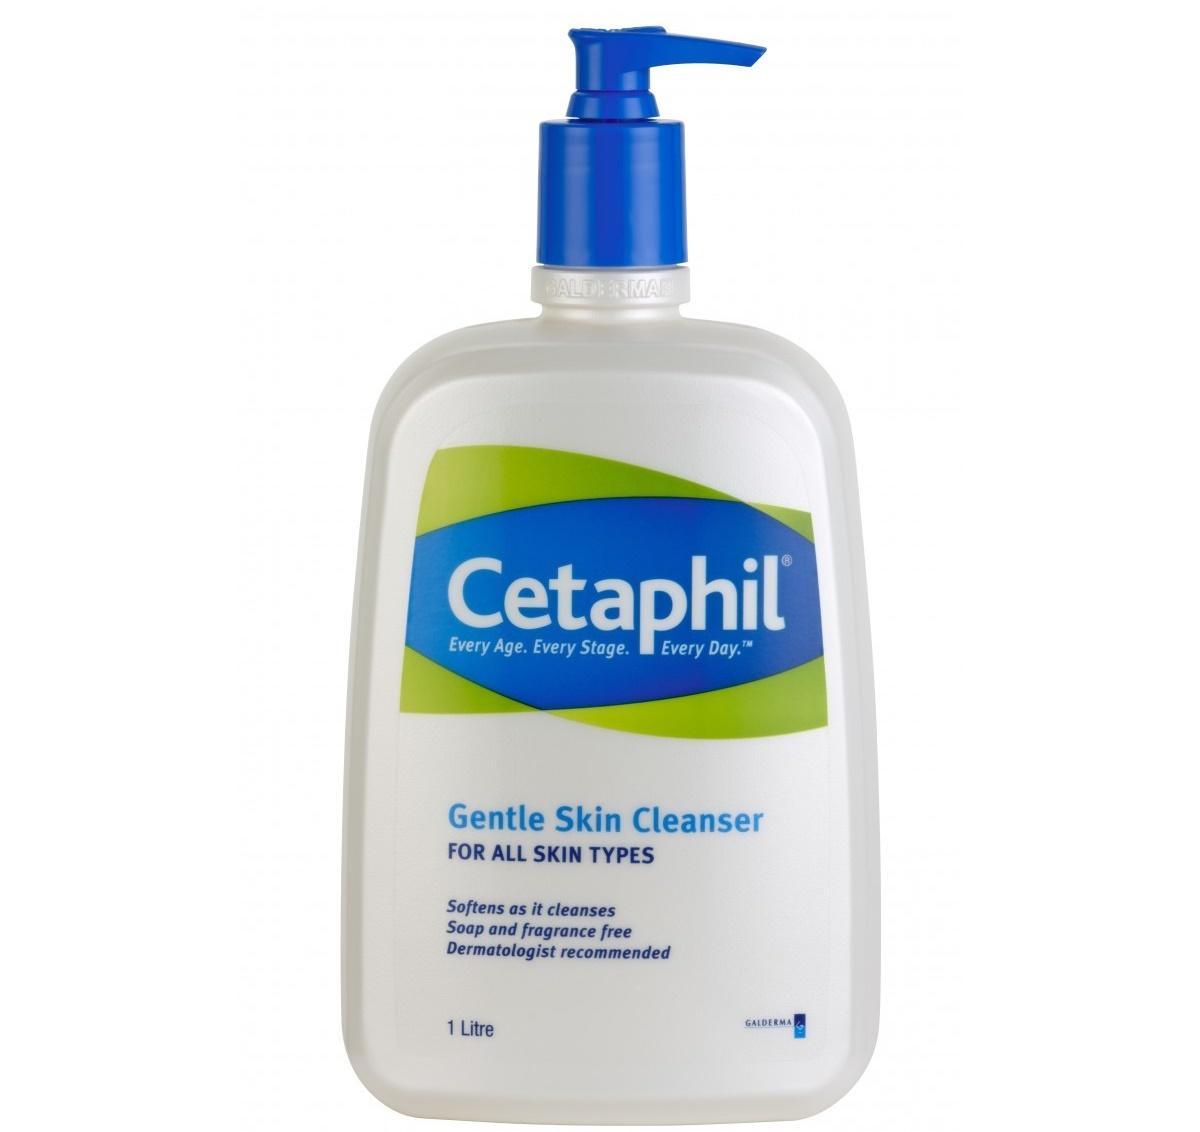 cetaphil-gentle-skin-cleanser-1-litre-4029-5145813-1